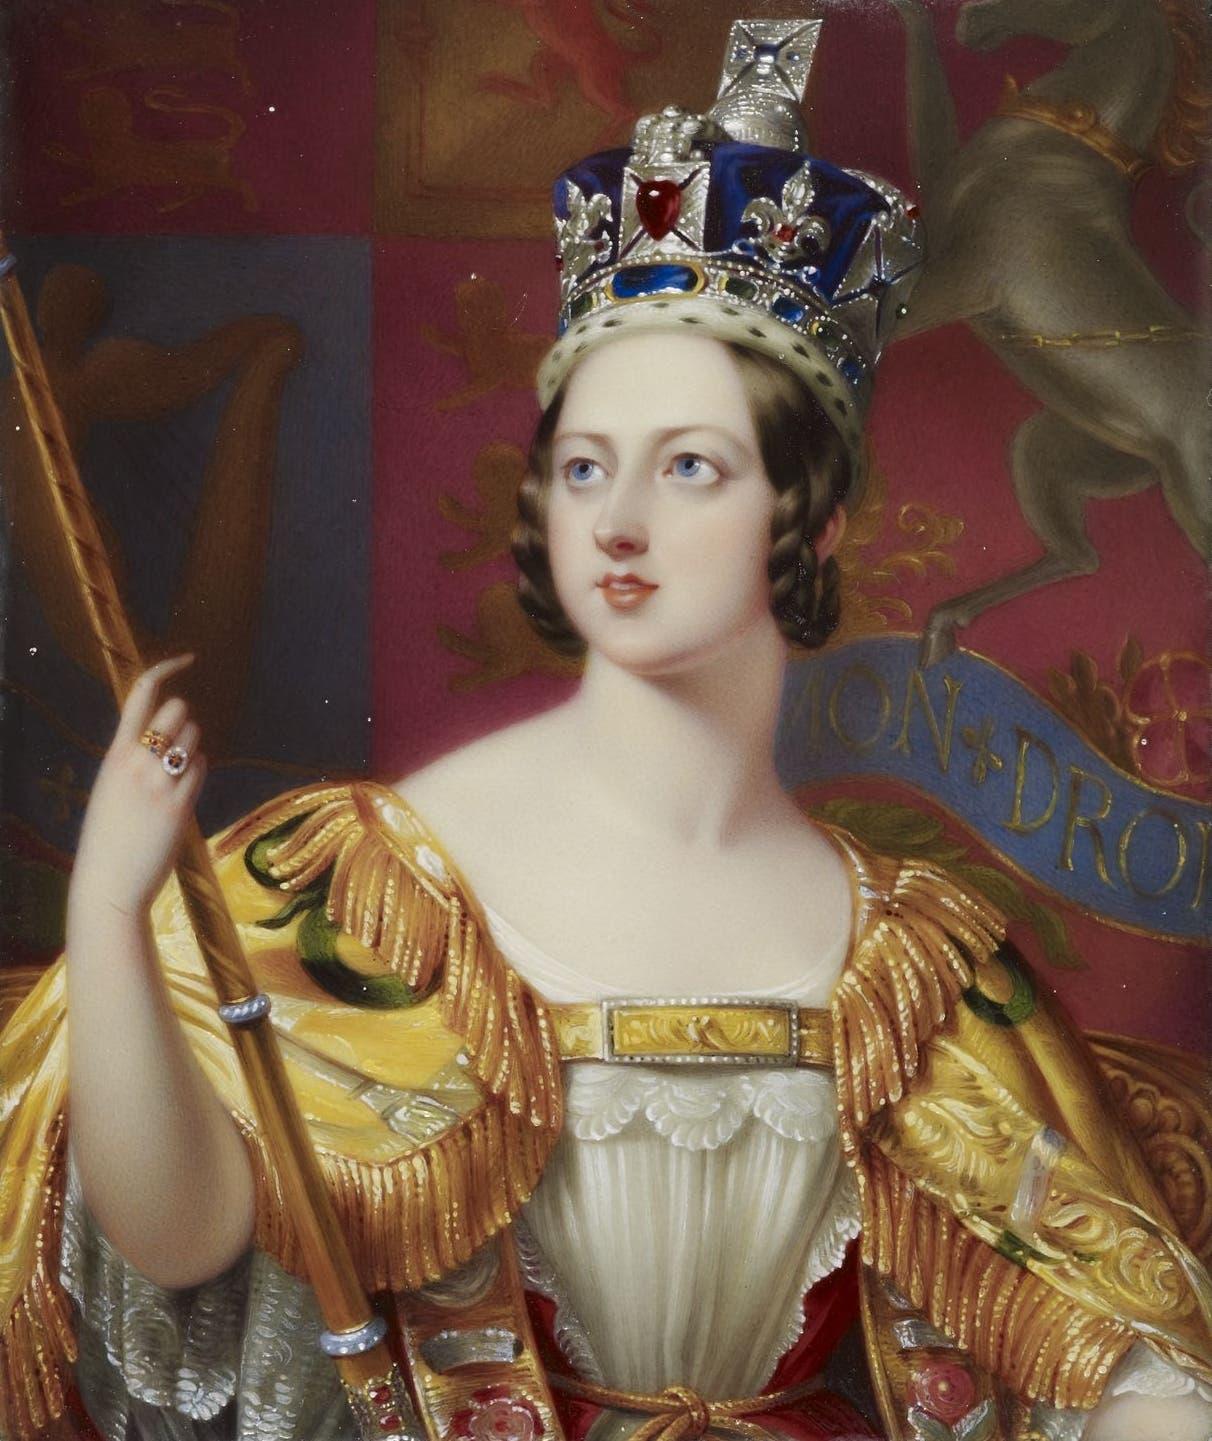 لوحة تجسد عملية تنصيب الملكة فكتوريا